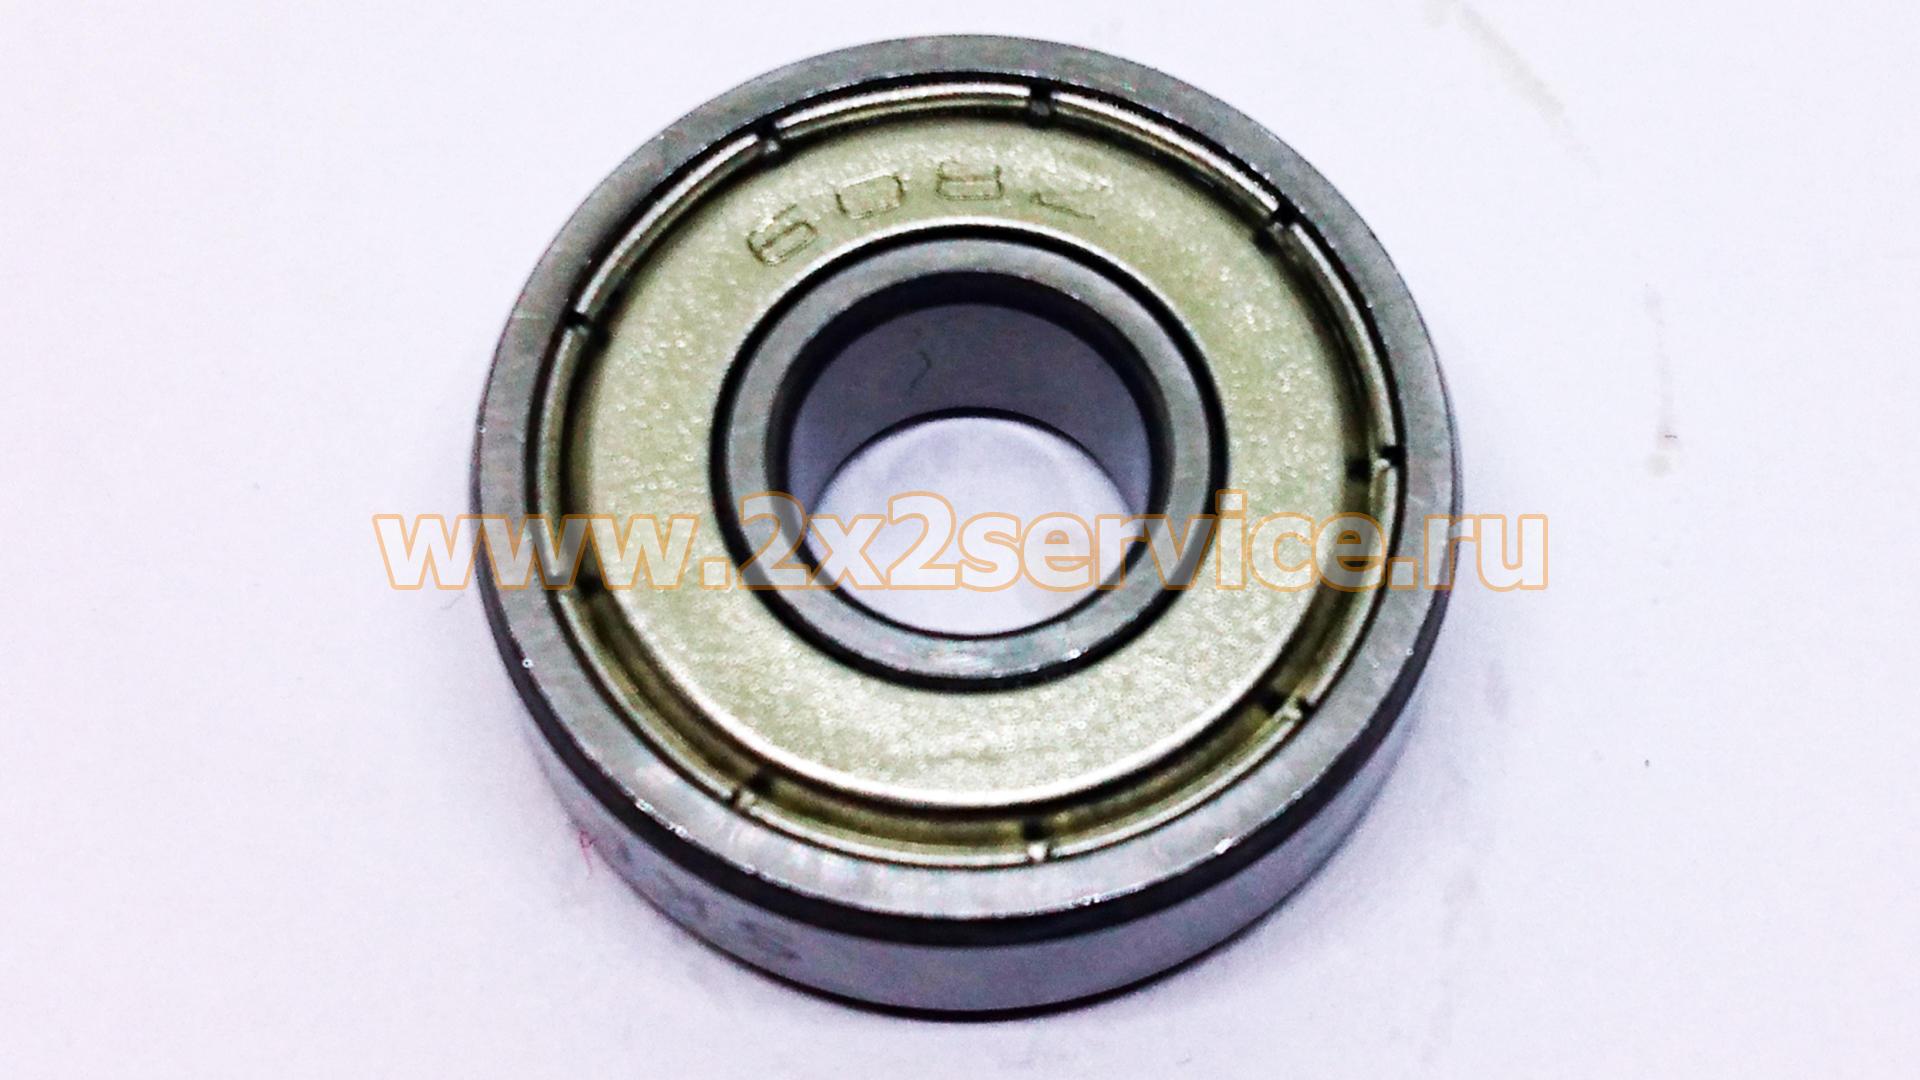 Подшипник 8x22x7 (SKL 608 ZZ)